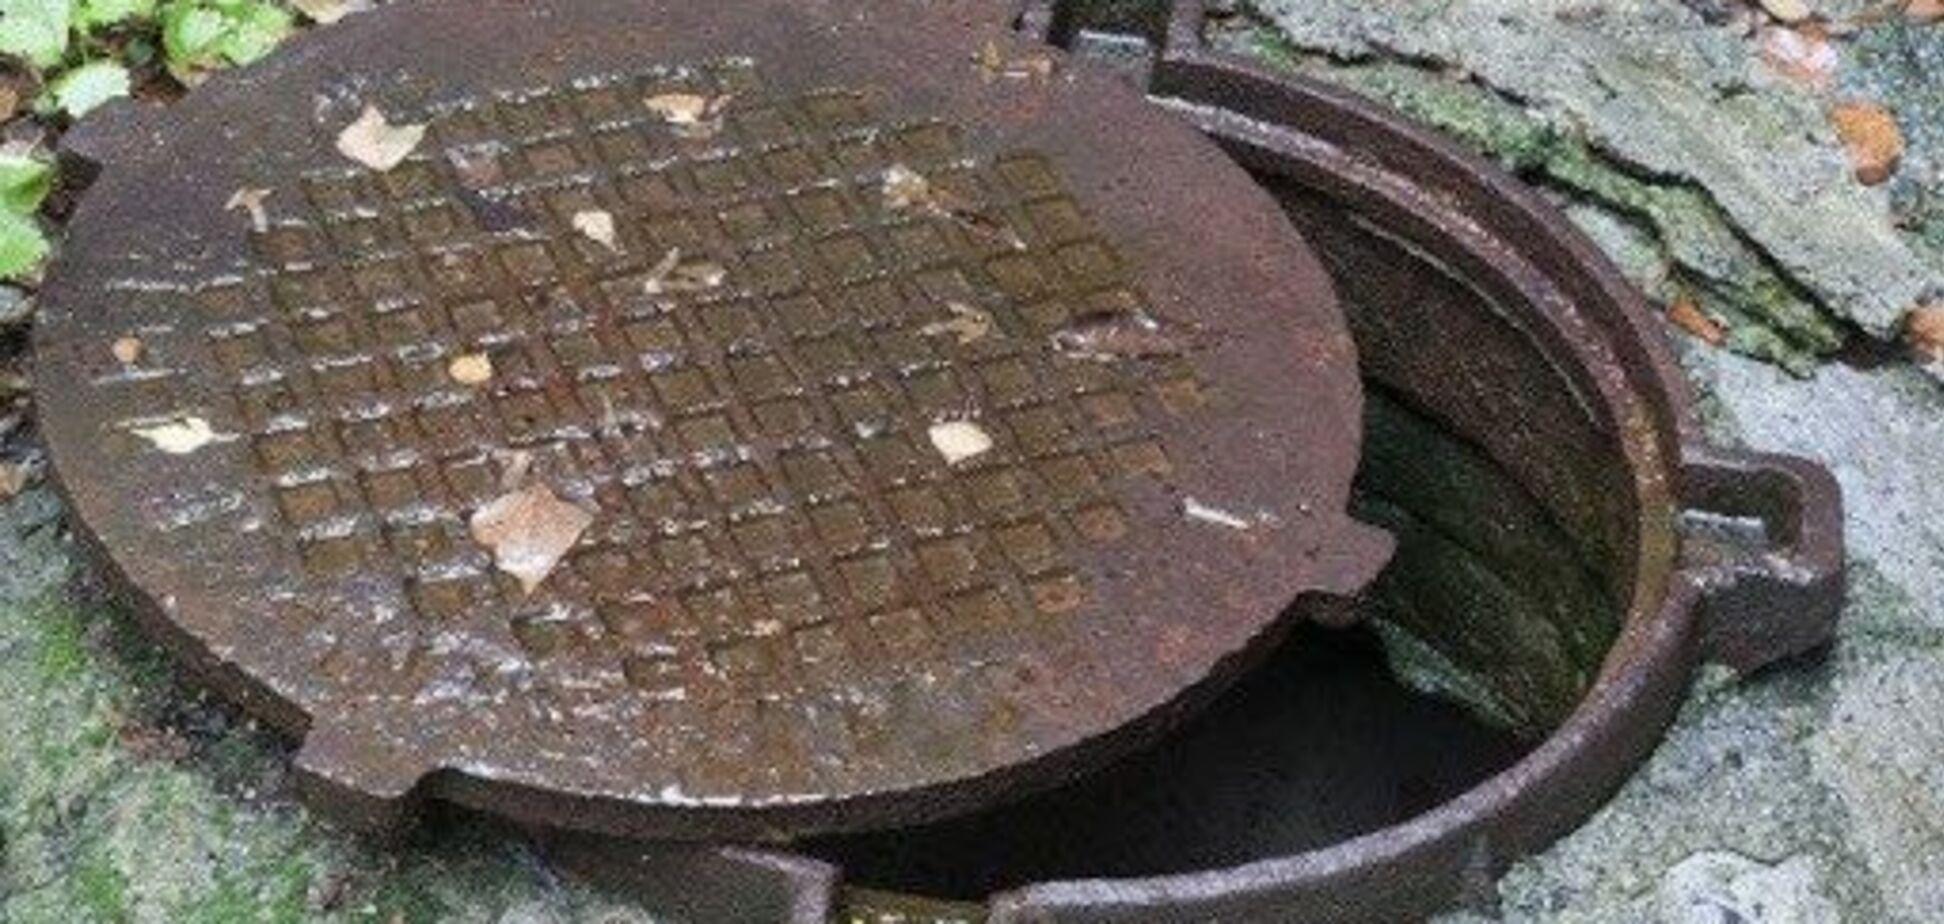 В Черкассах в колодце теплотрассы нашли мертвого мужчину: кто он